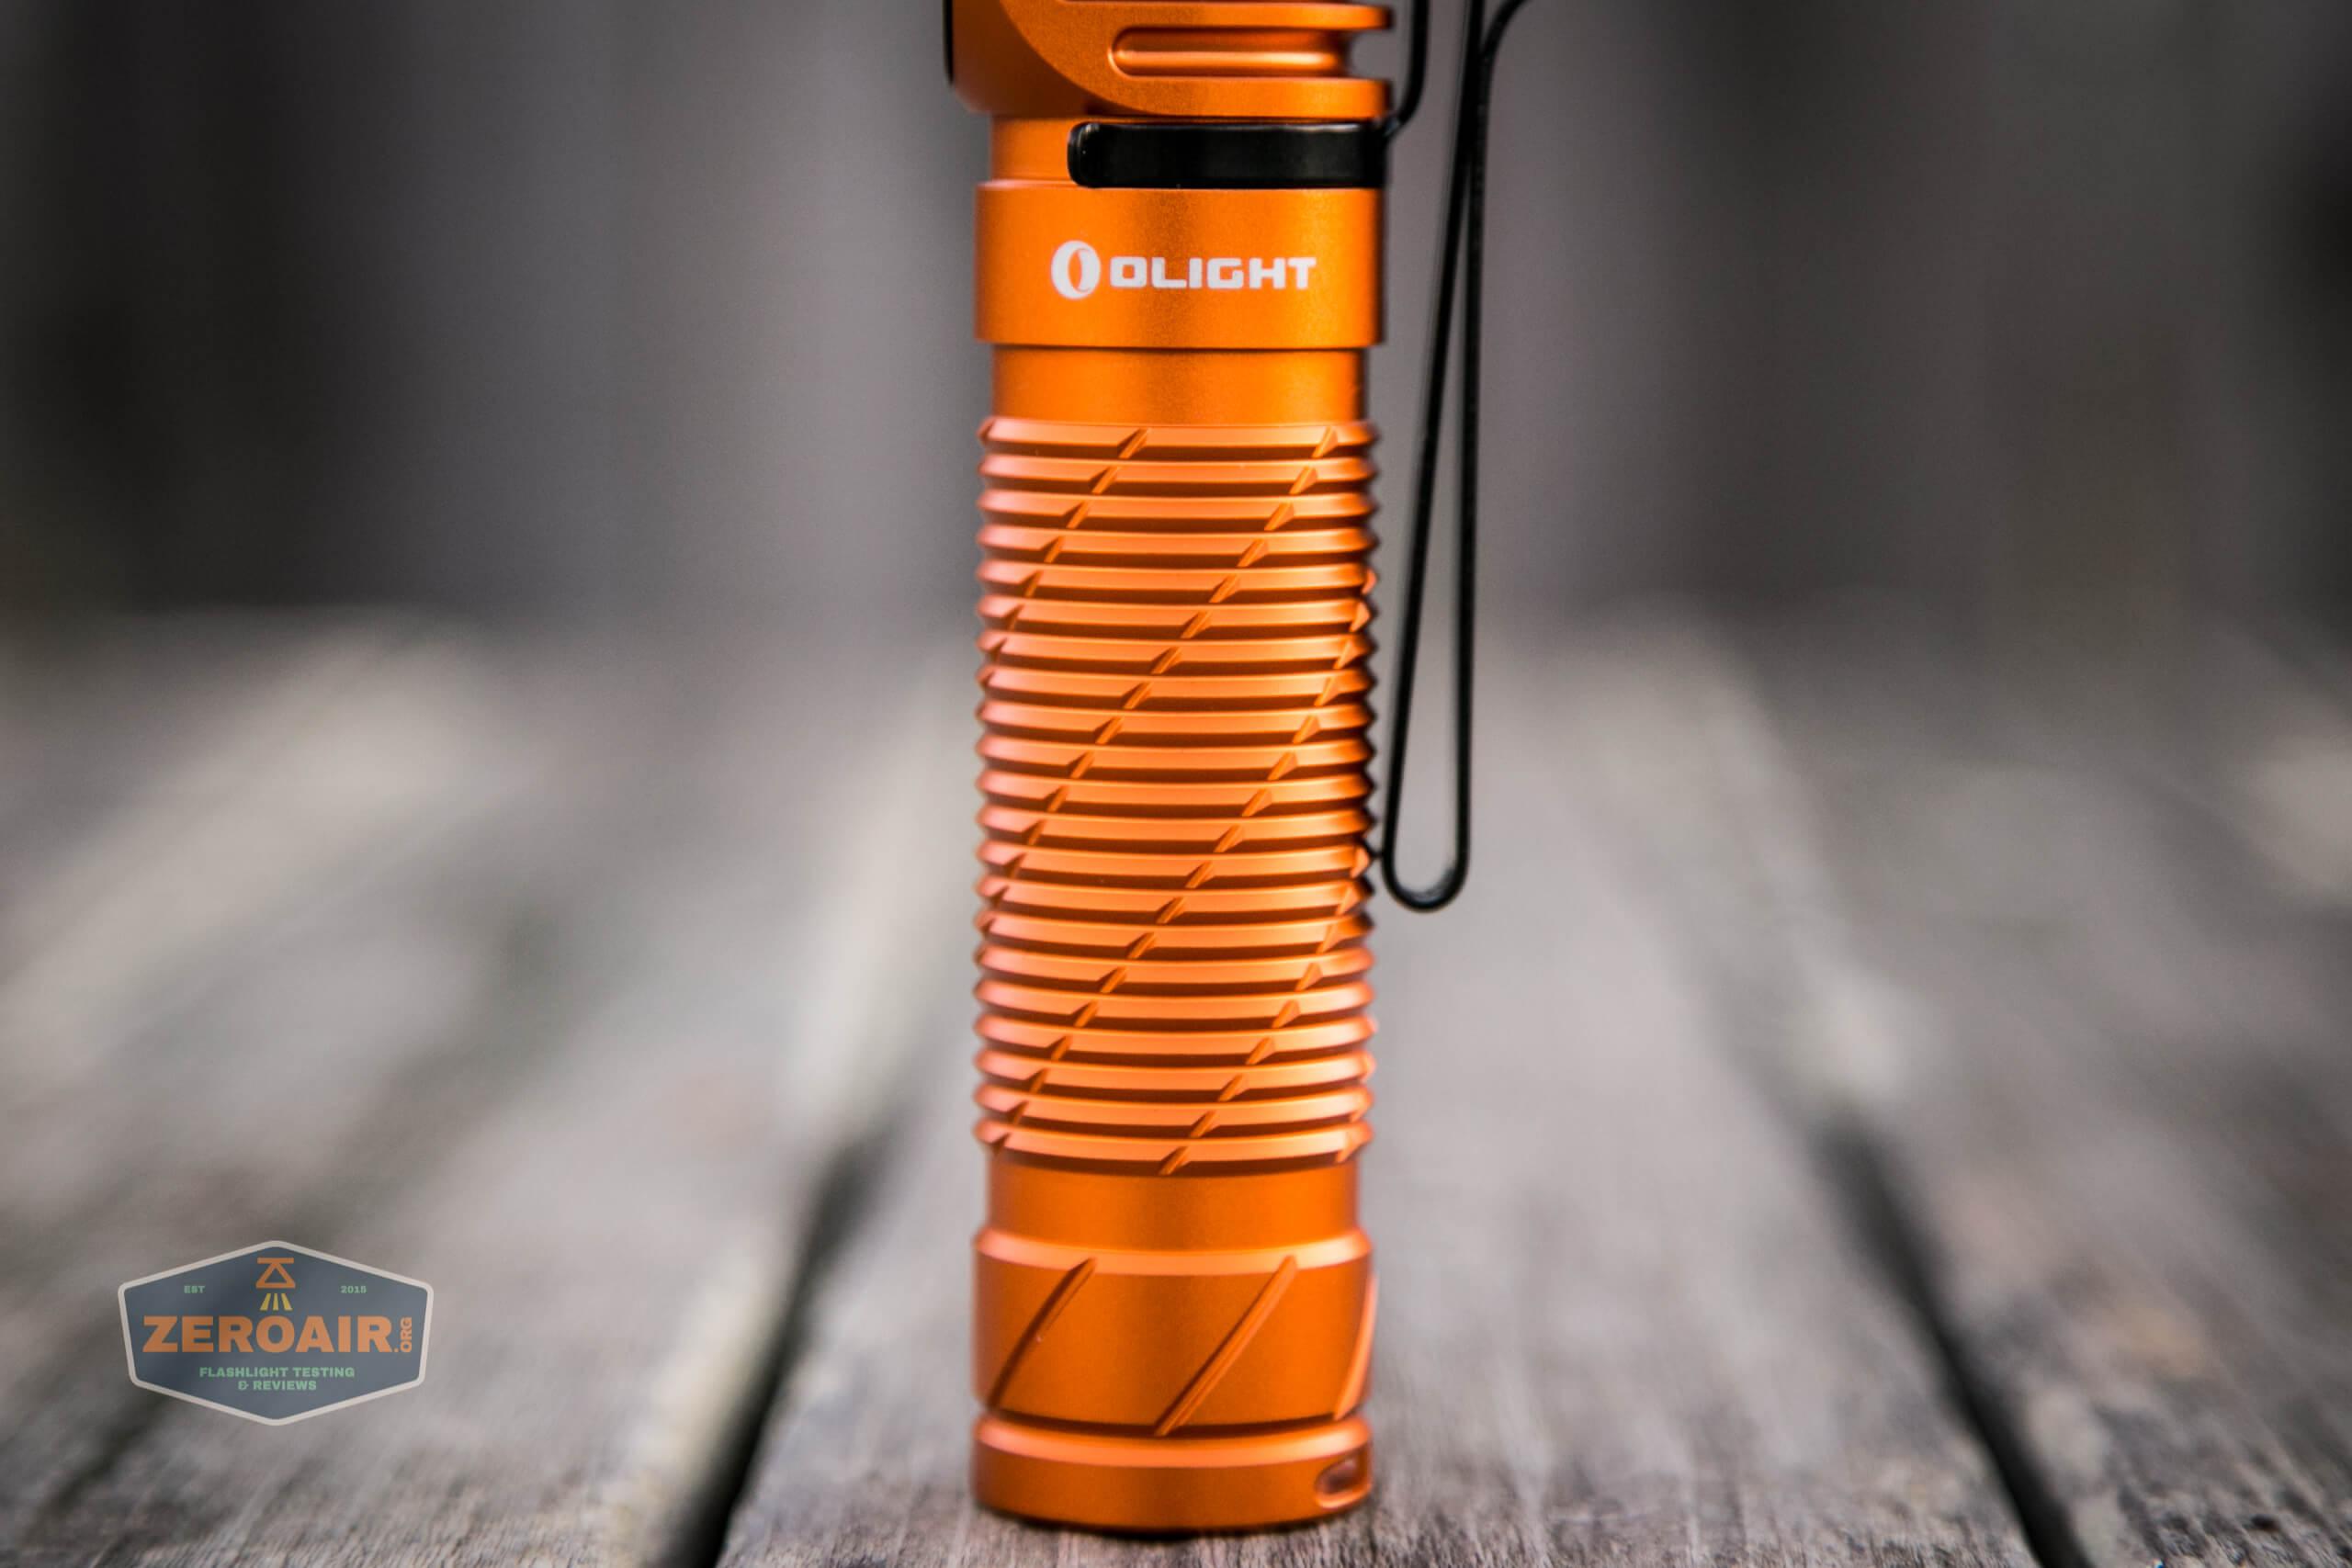 olight perun 2 21700 headlamp orange knurling grooves